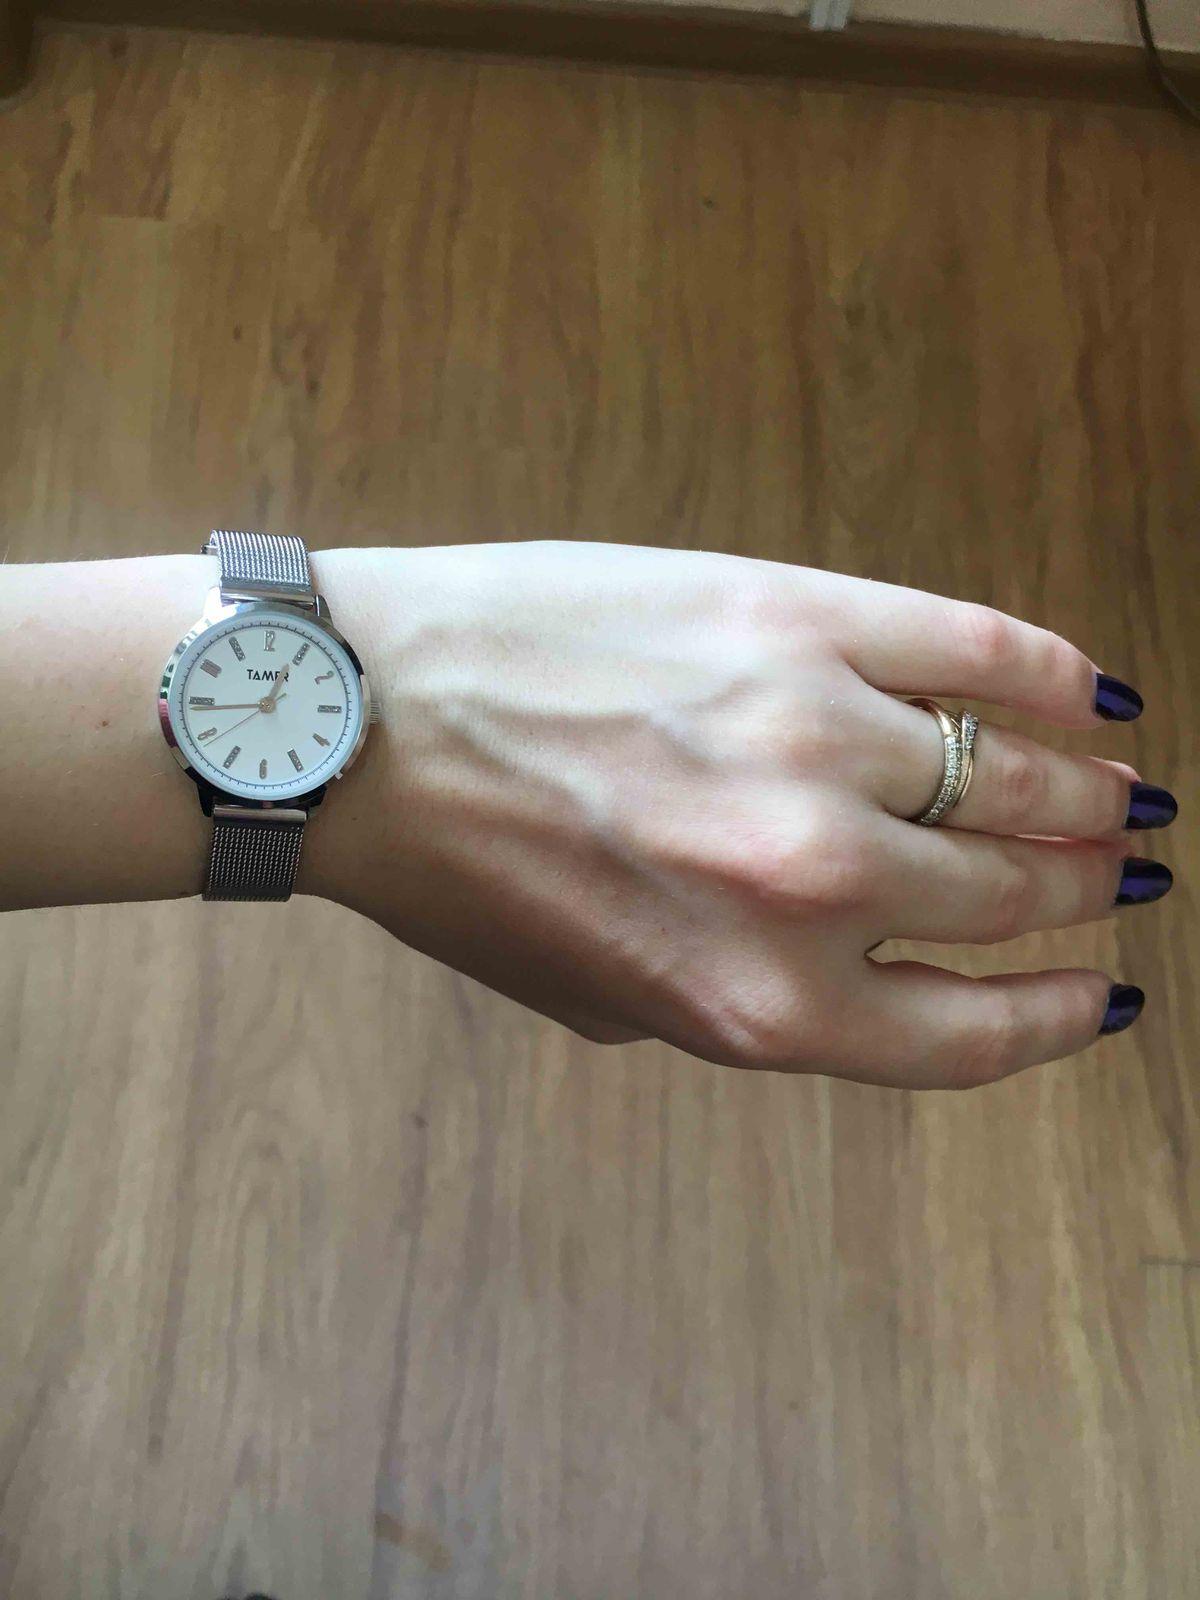 Часики для миниатюрных рук!)